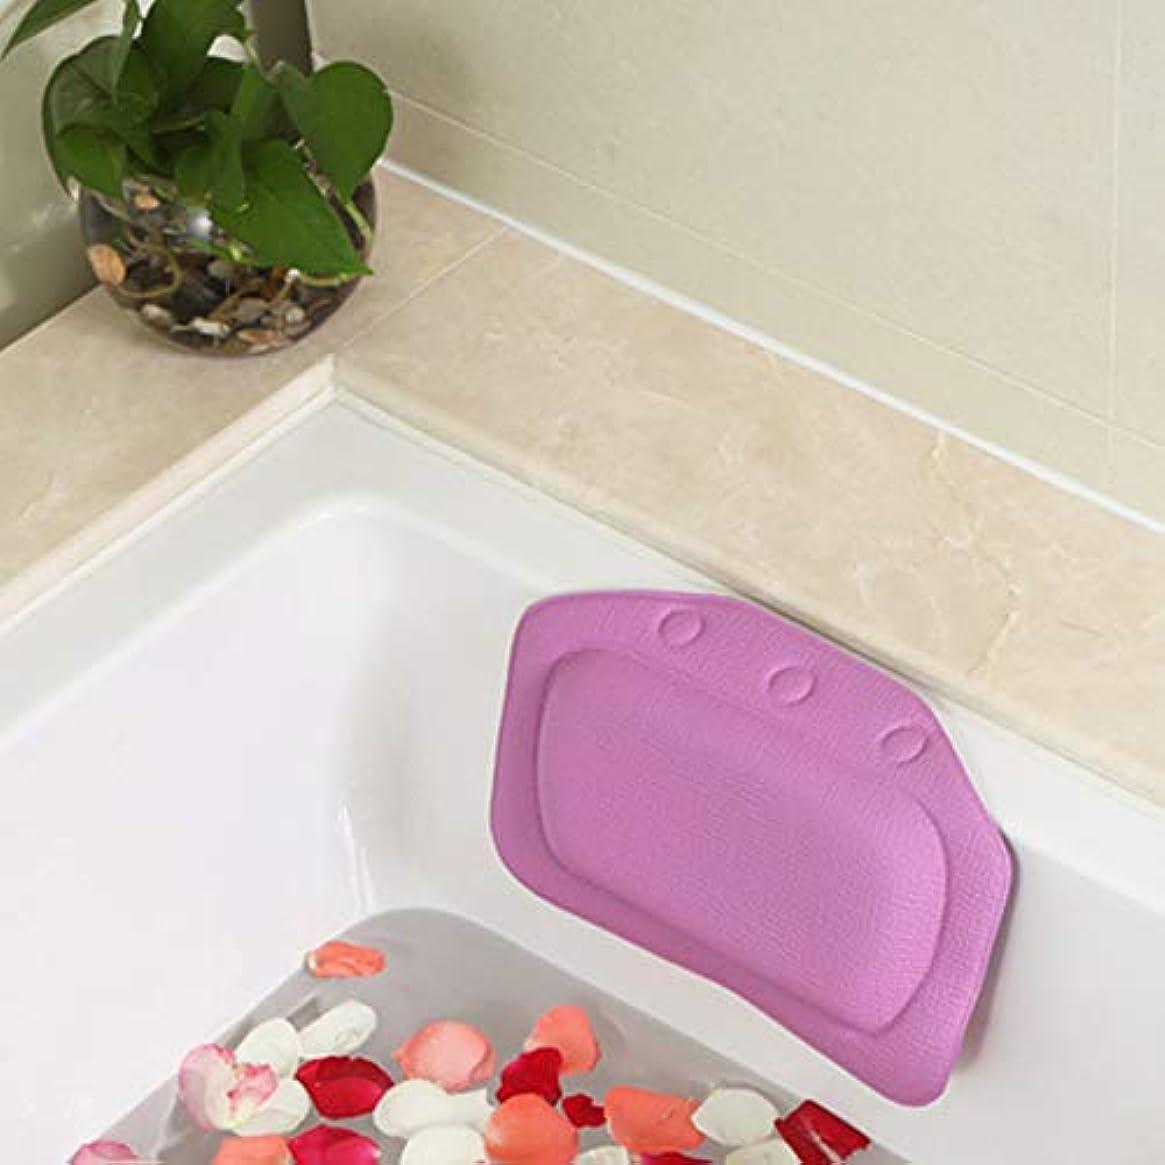 オーナメント知らせる感じ柔らかいpvc発泡スポンジ風呂枕防水ヘッドレストクッション付き浴室シャワー浴槽リラックスアクセサリー,Purple